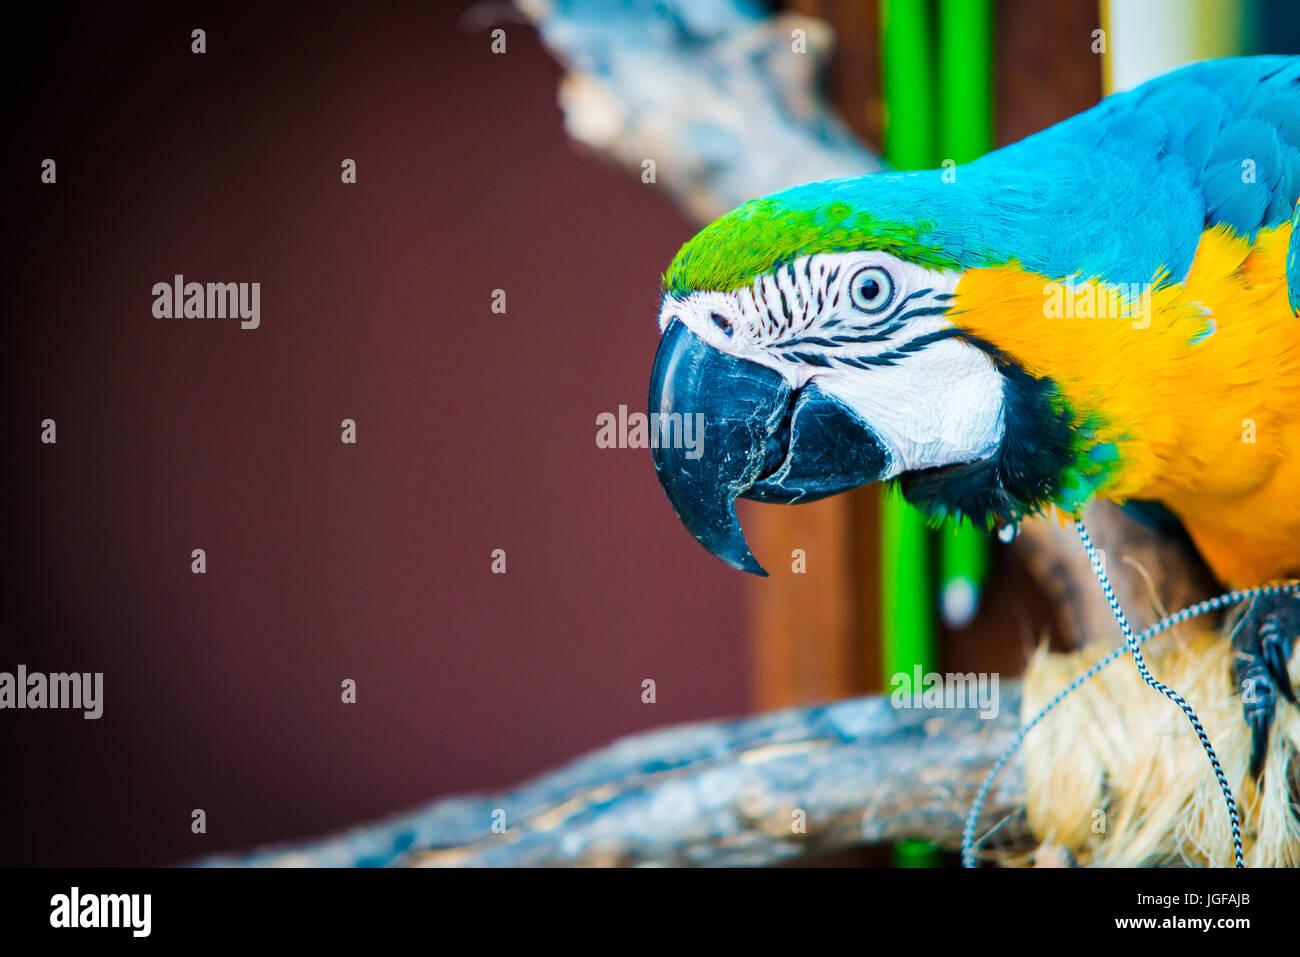 Retrato de guacamayo azul y amarillo con copia espacio para el texto Imagen De Stock